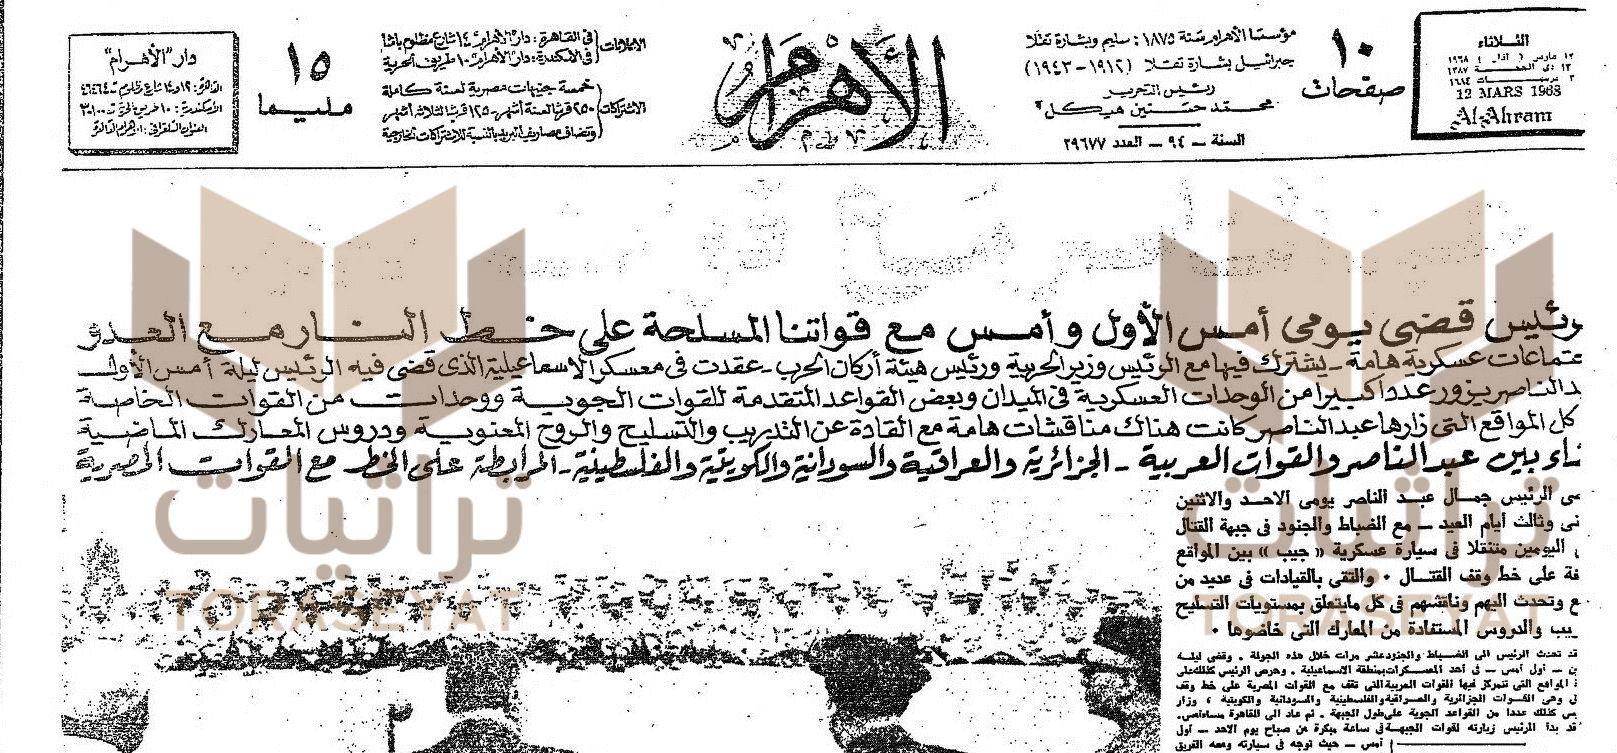 خبر حضور جمال عبدالناصر للعيد على الجبهة سنة 1968 م